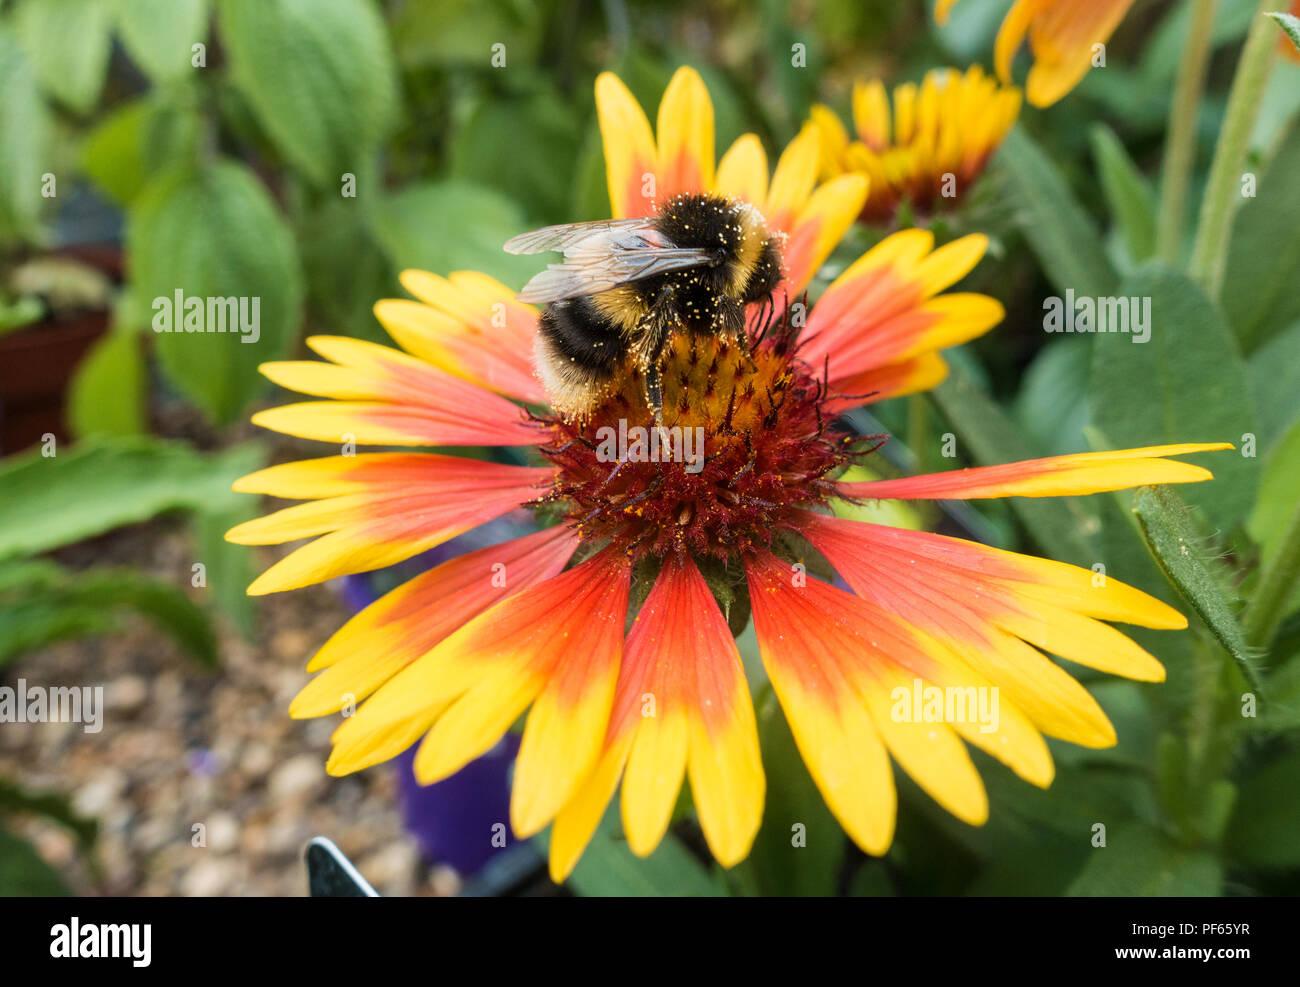 a-bumblebee-on-a-gaillardia-flower-PF65YR.jpg